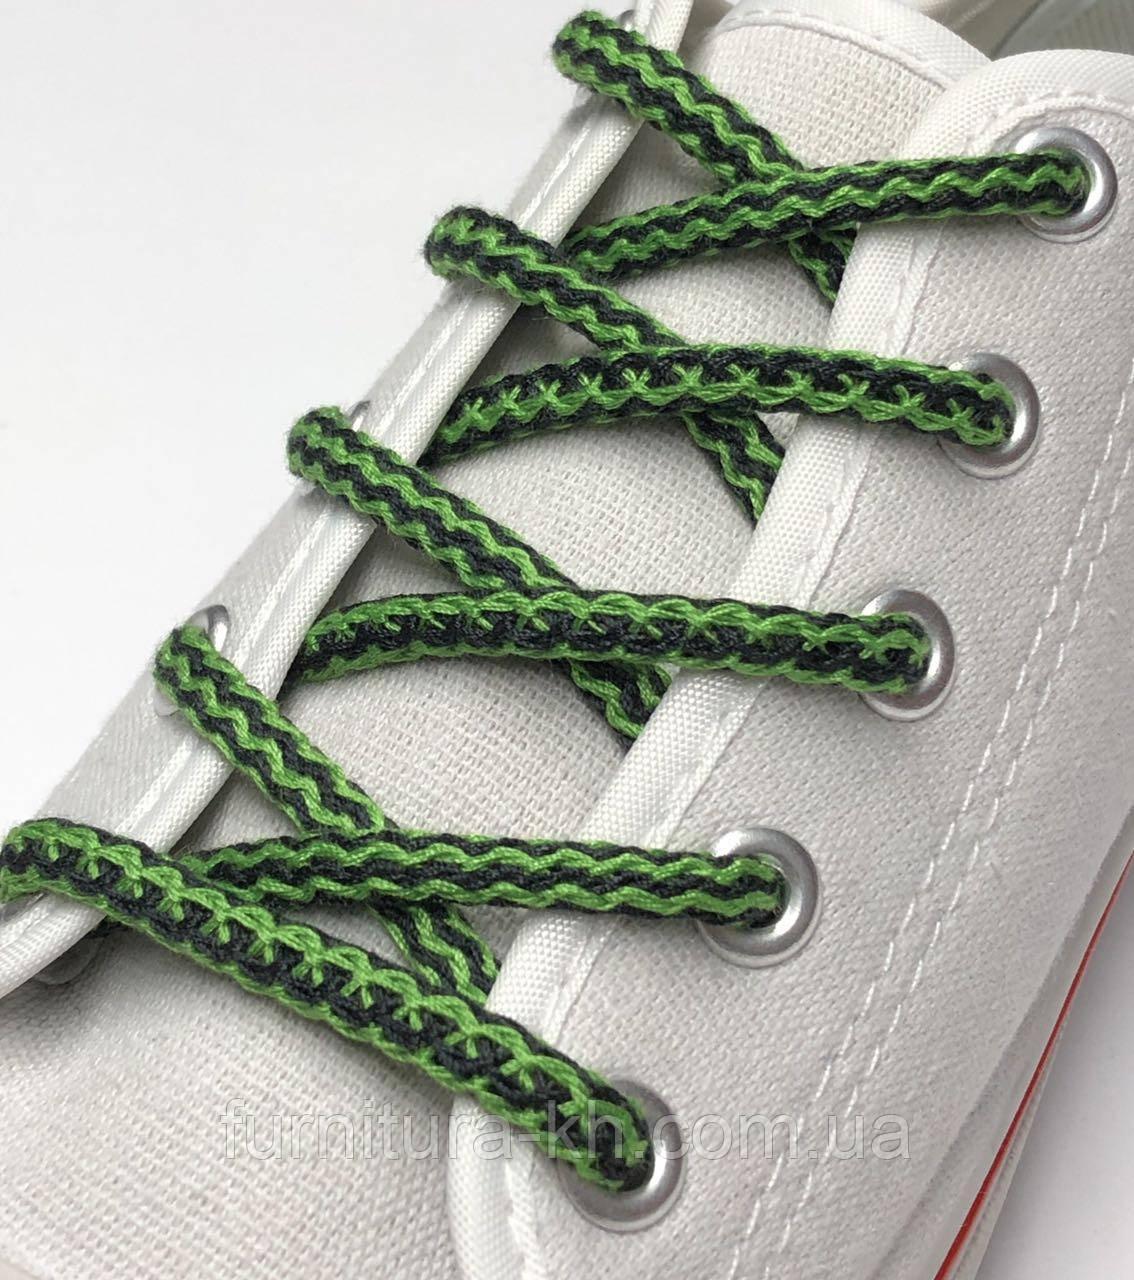 Шнурок Простой Круглый.Длинна 1 метр цвет Черно Зеленый (толщина 5 мм)